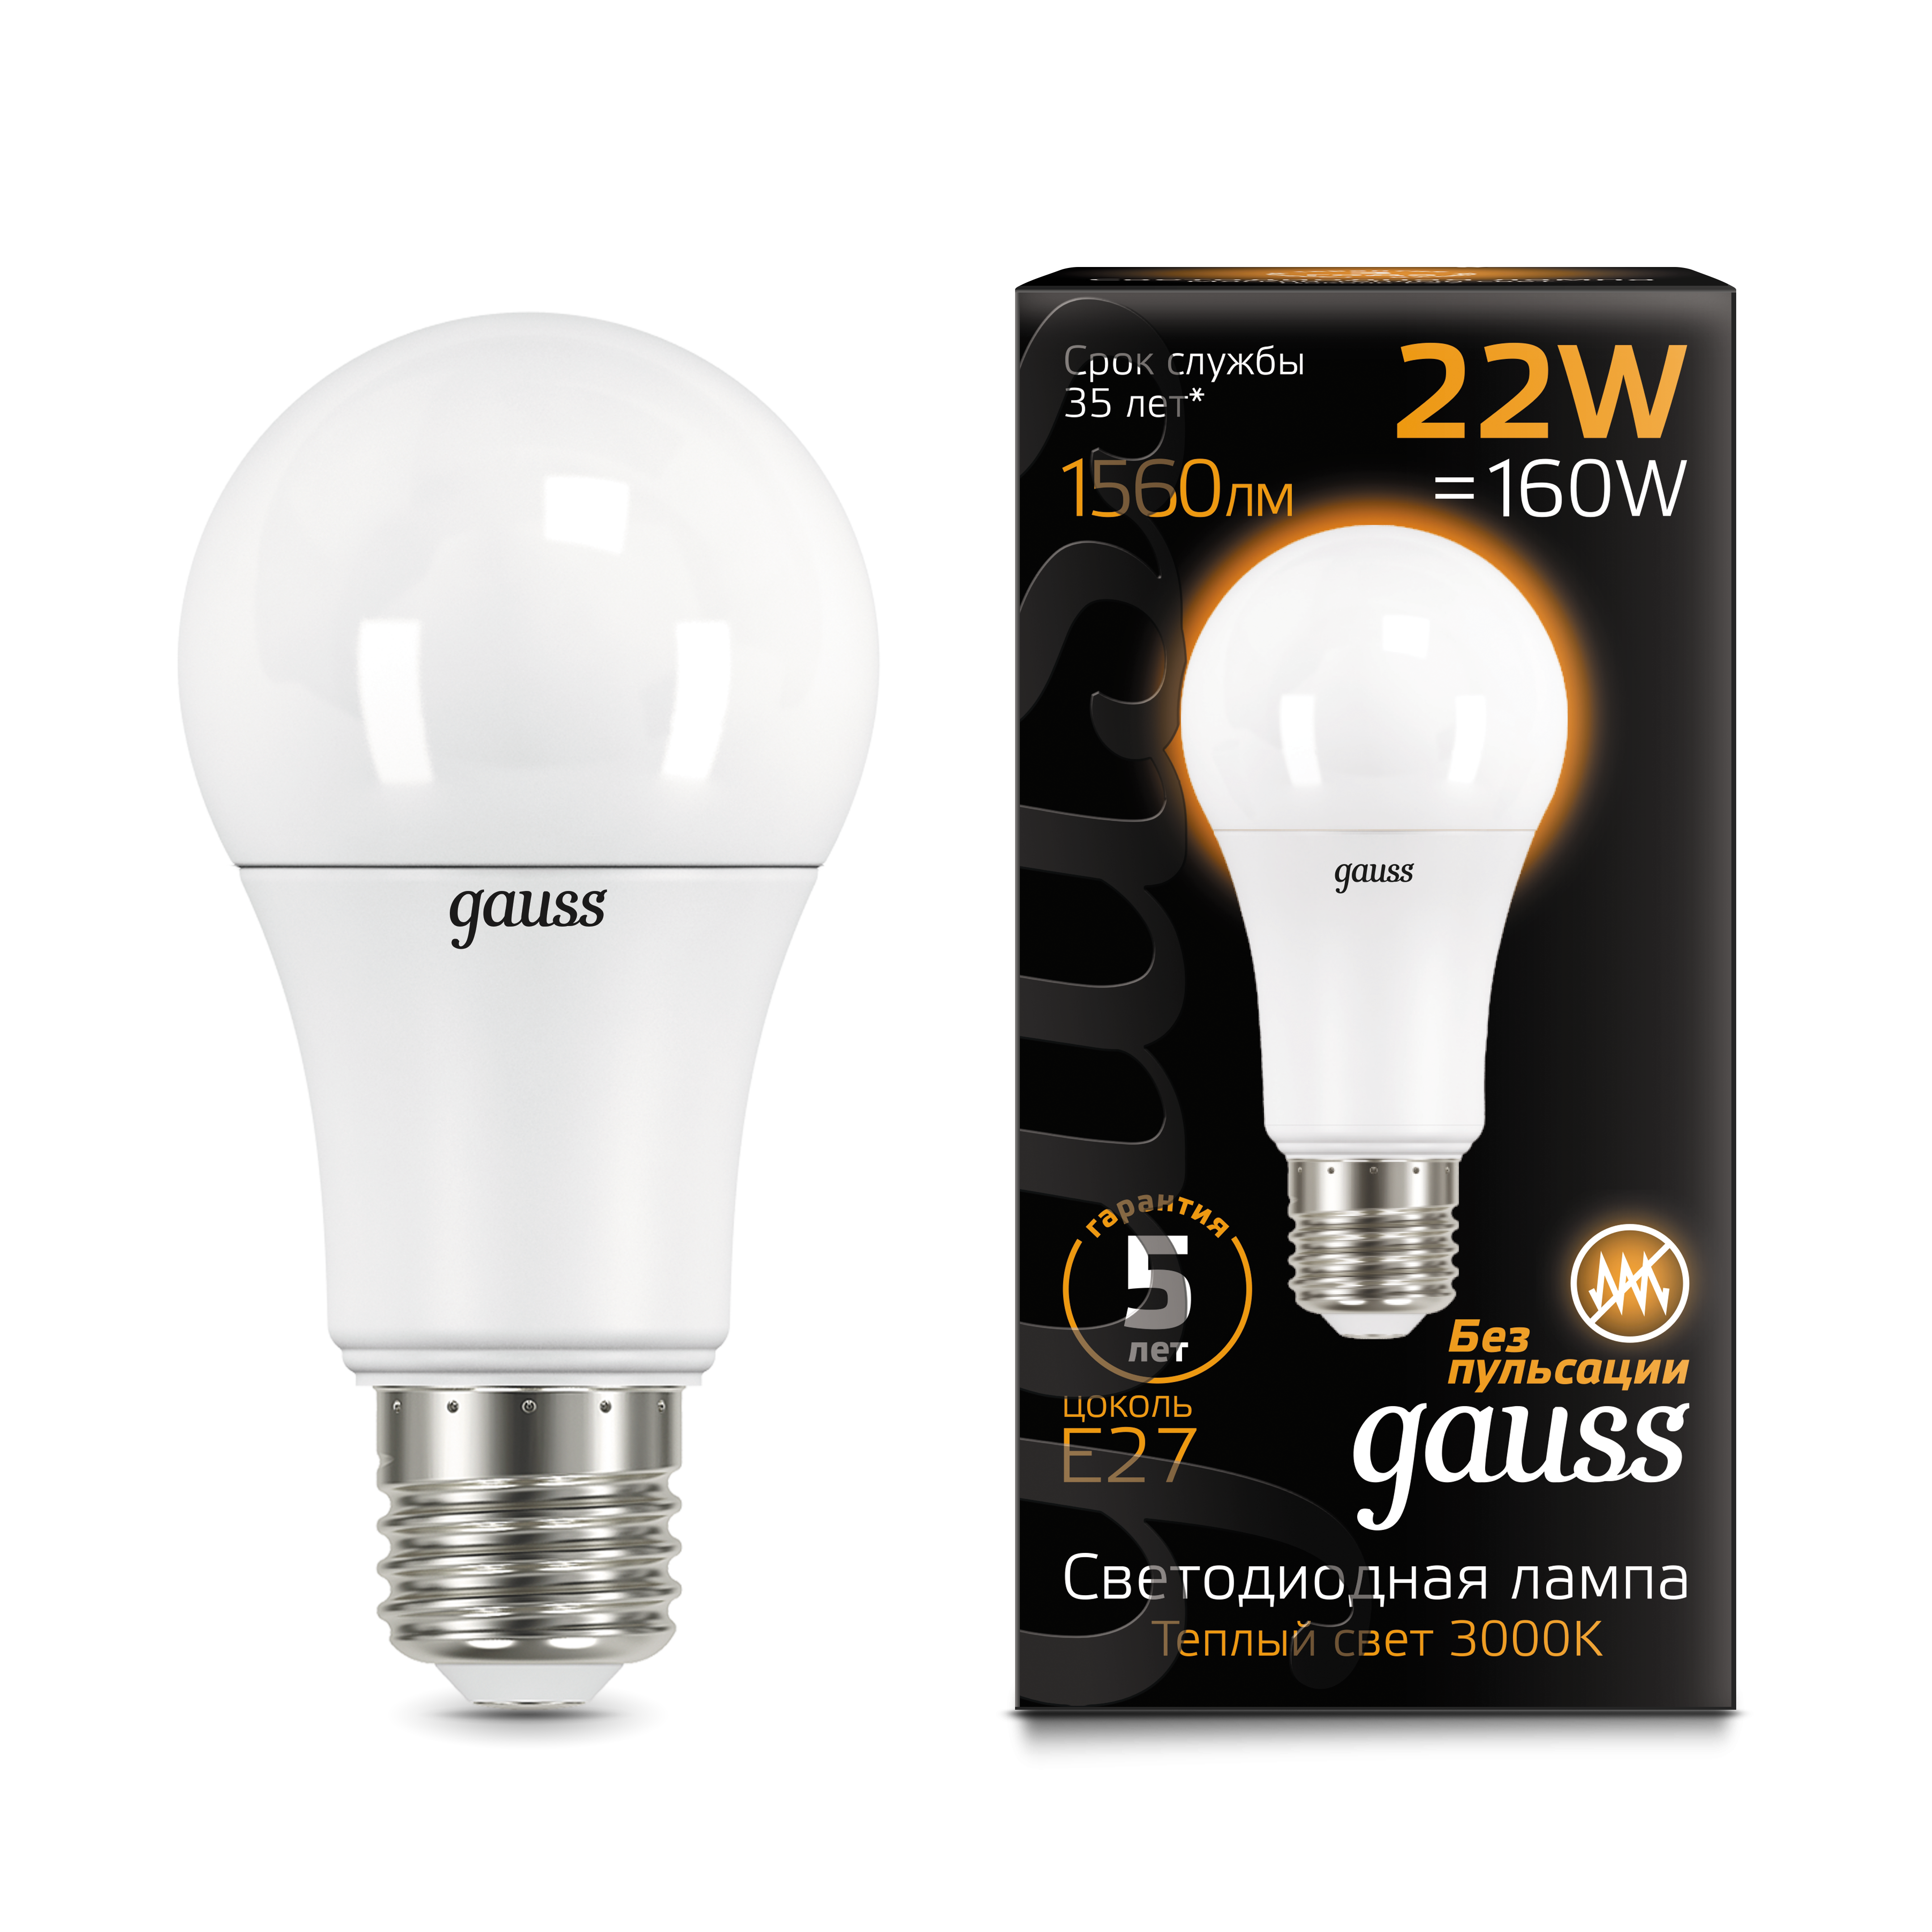 Светодиодная лампа Gauss 102502122 груша E27 22W, 3000K (теплый) CRI>90 150-265V, гарантия 5 лет - фото 1